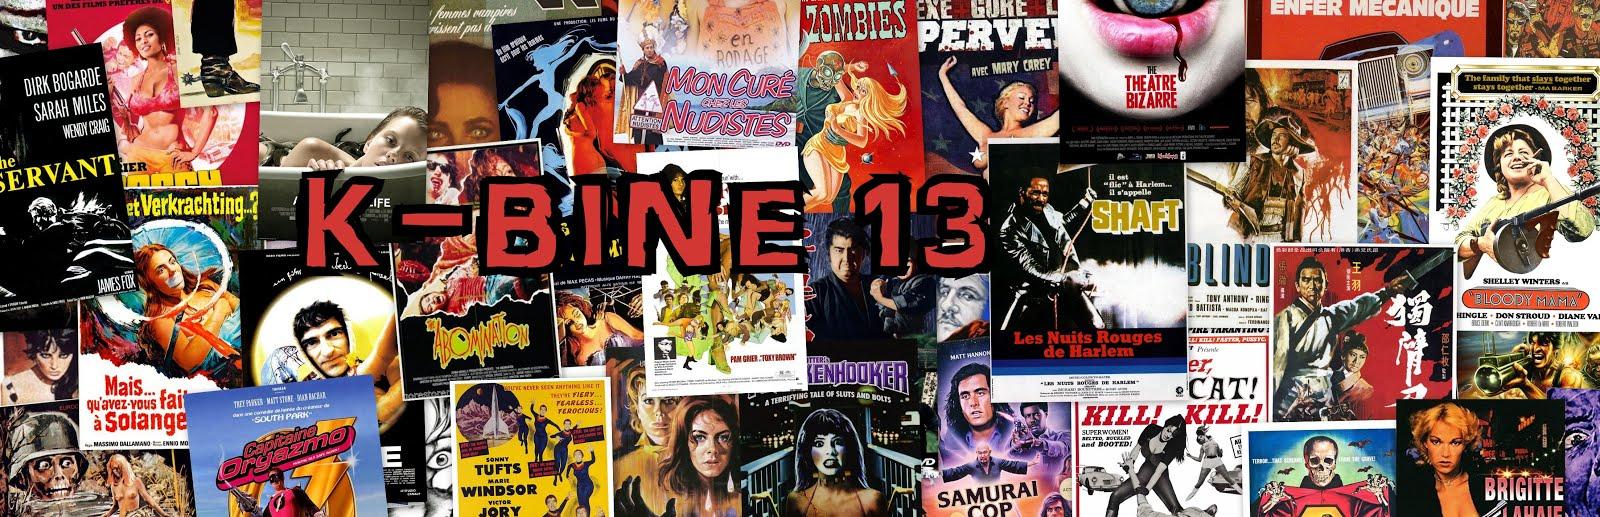 K-BINE 13